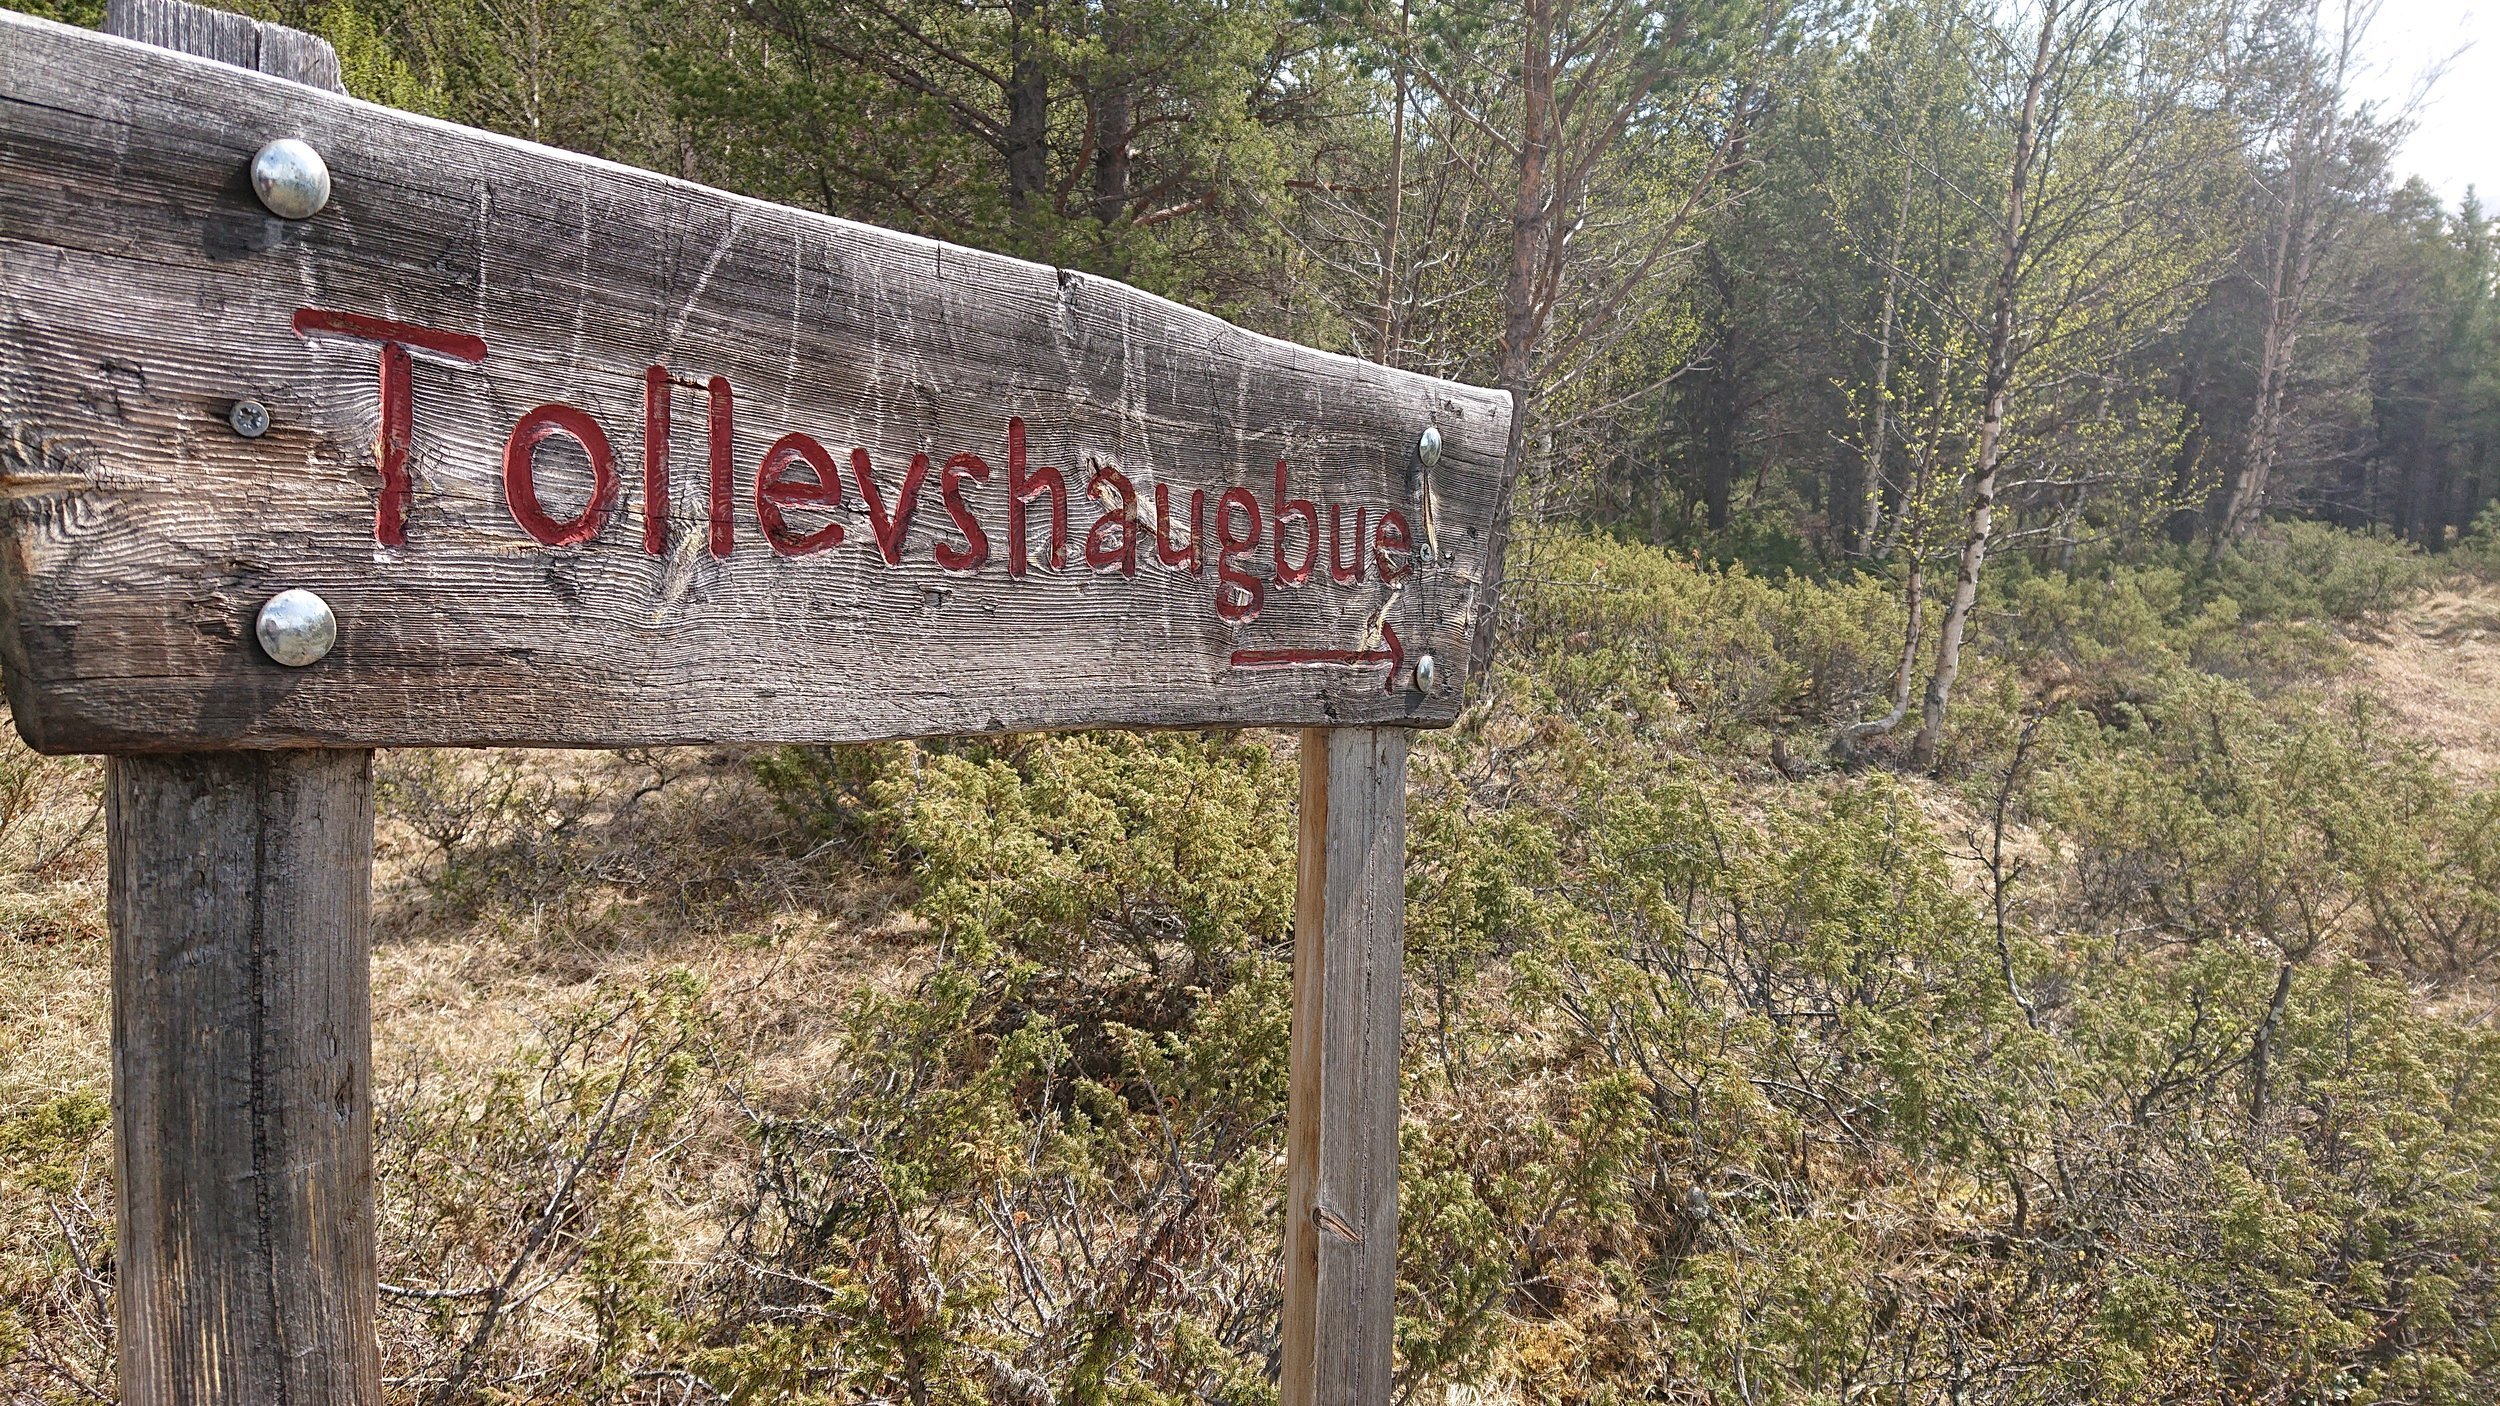 Til Tollevshaugbua – Skilt til ei av fjellstyrets hytter, tilgjengelig for leie på inatur. Hytta ligger nær grense til Folldal